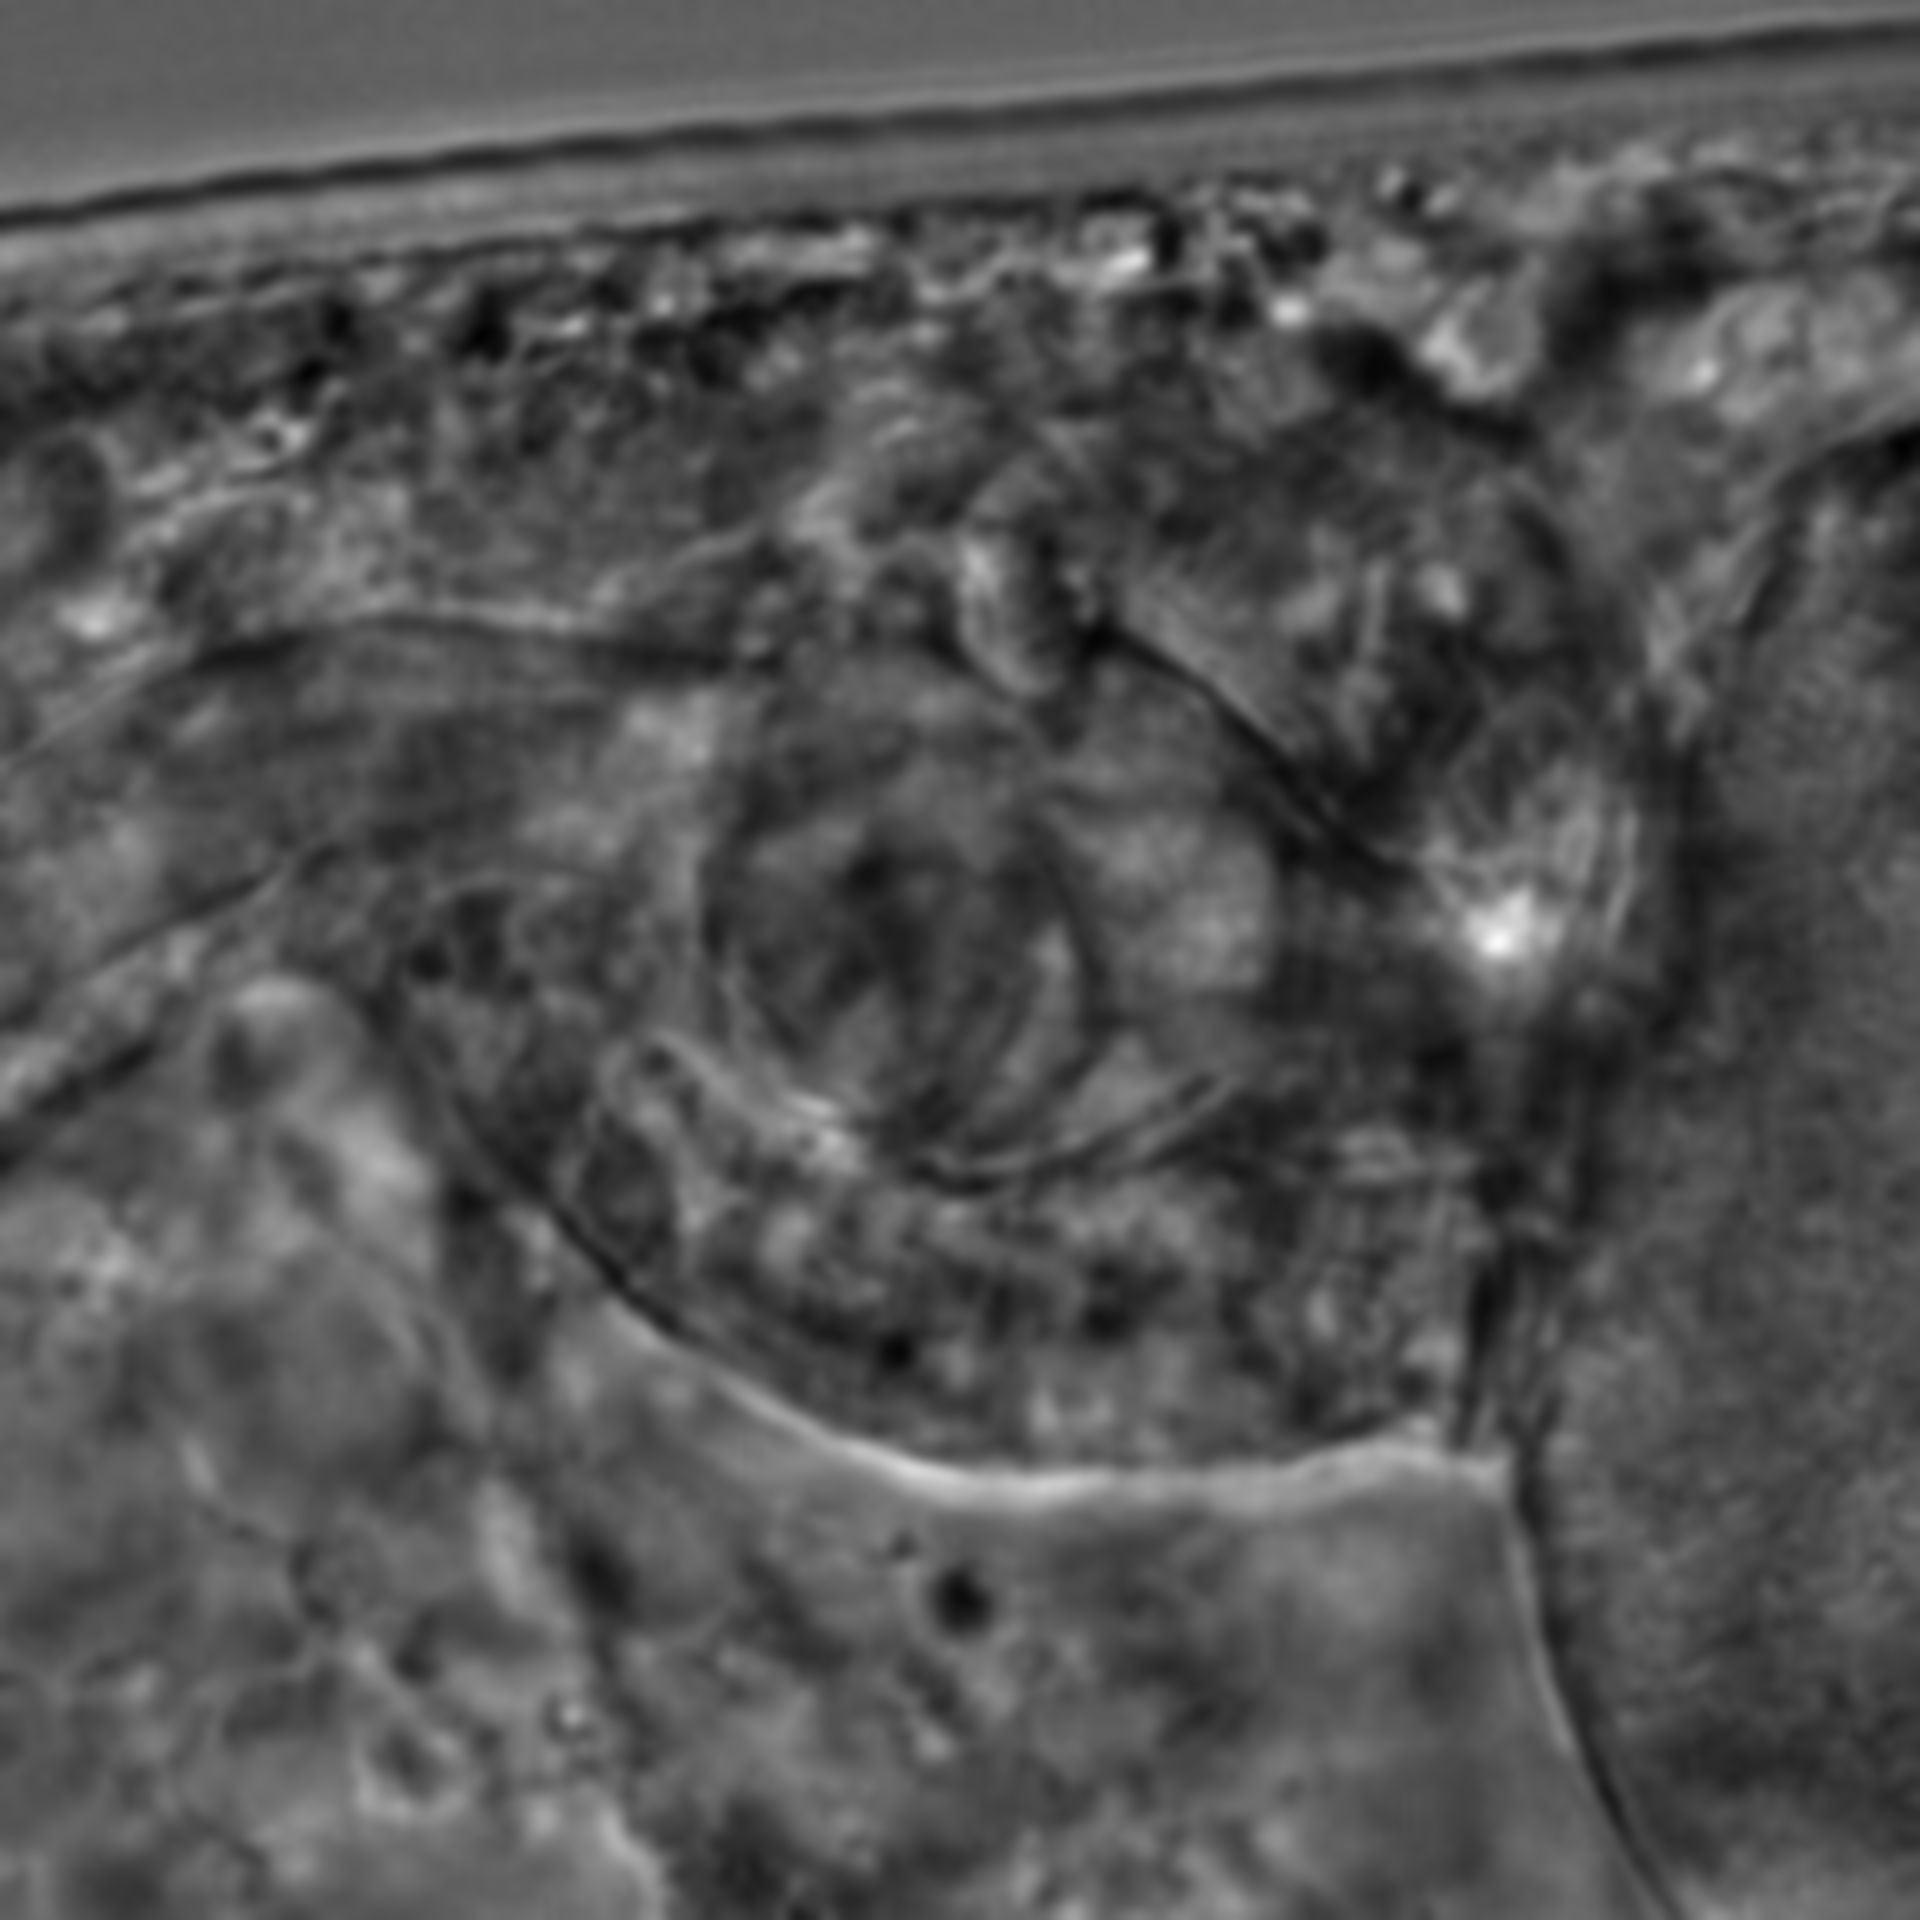 Caenorhabditis elegans - CIL:2778